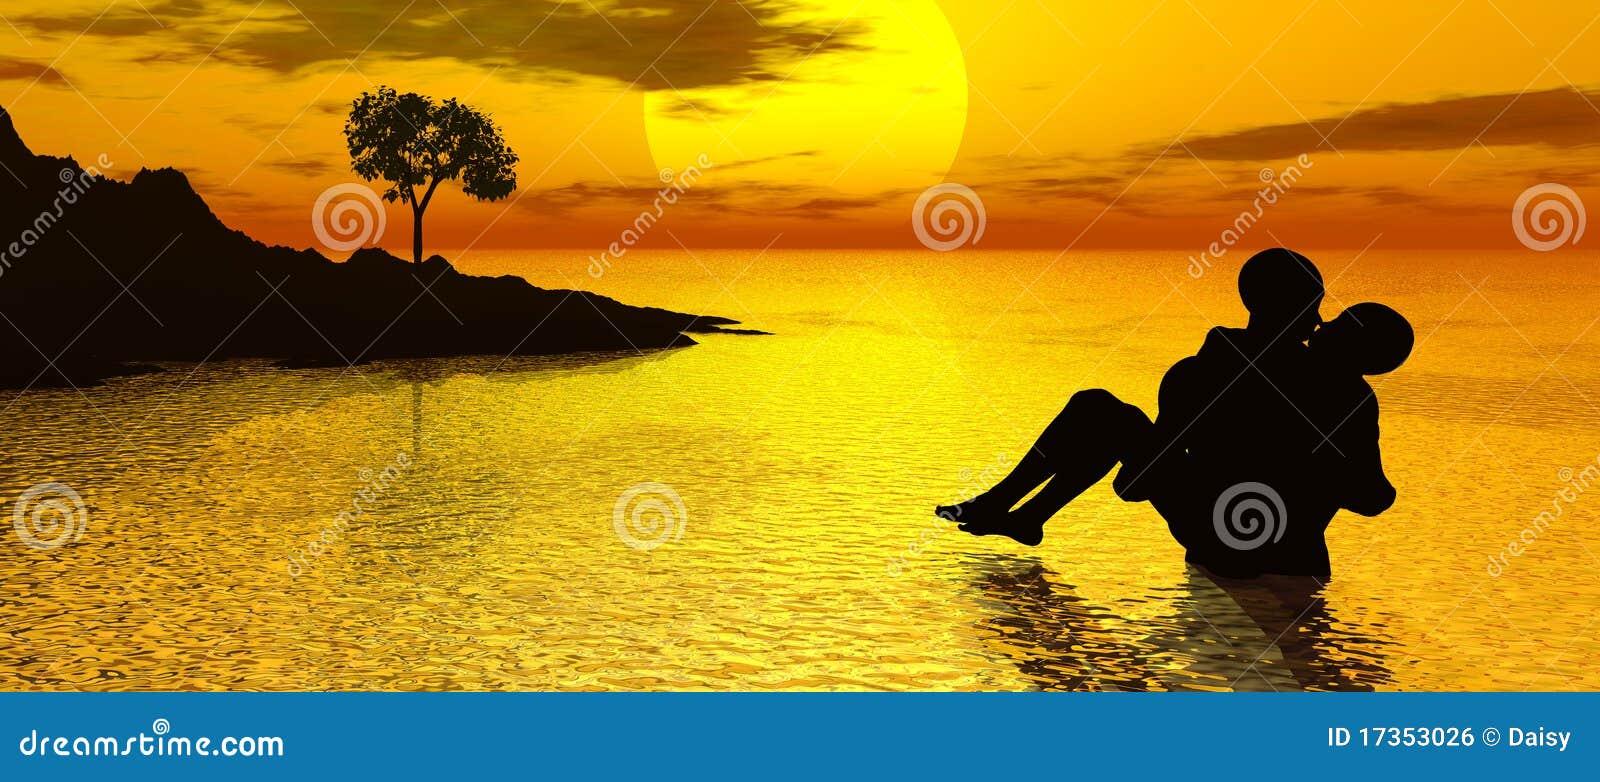 Het kussen bij zonsondergang royalty vrije stock for Waarom kussen mensen